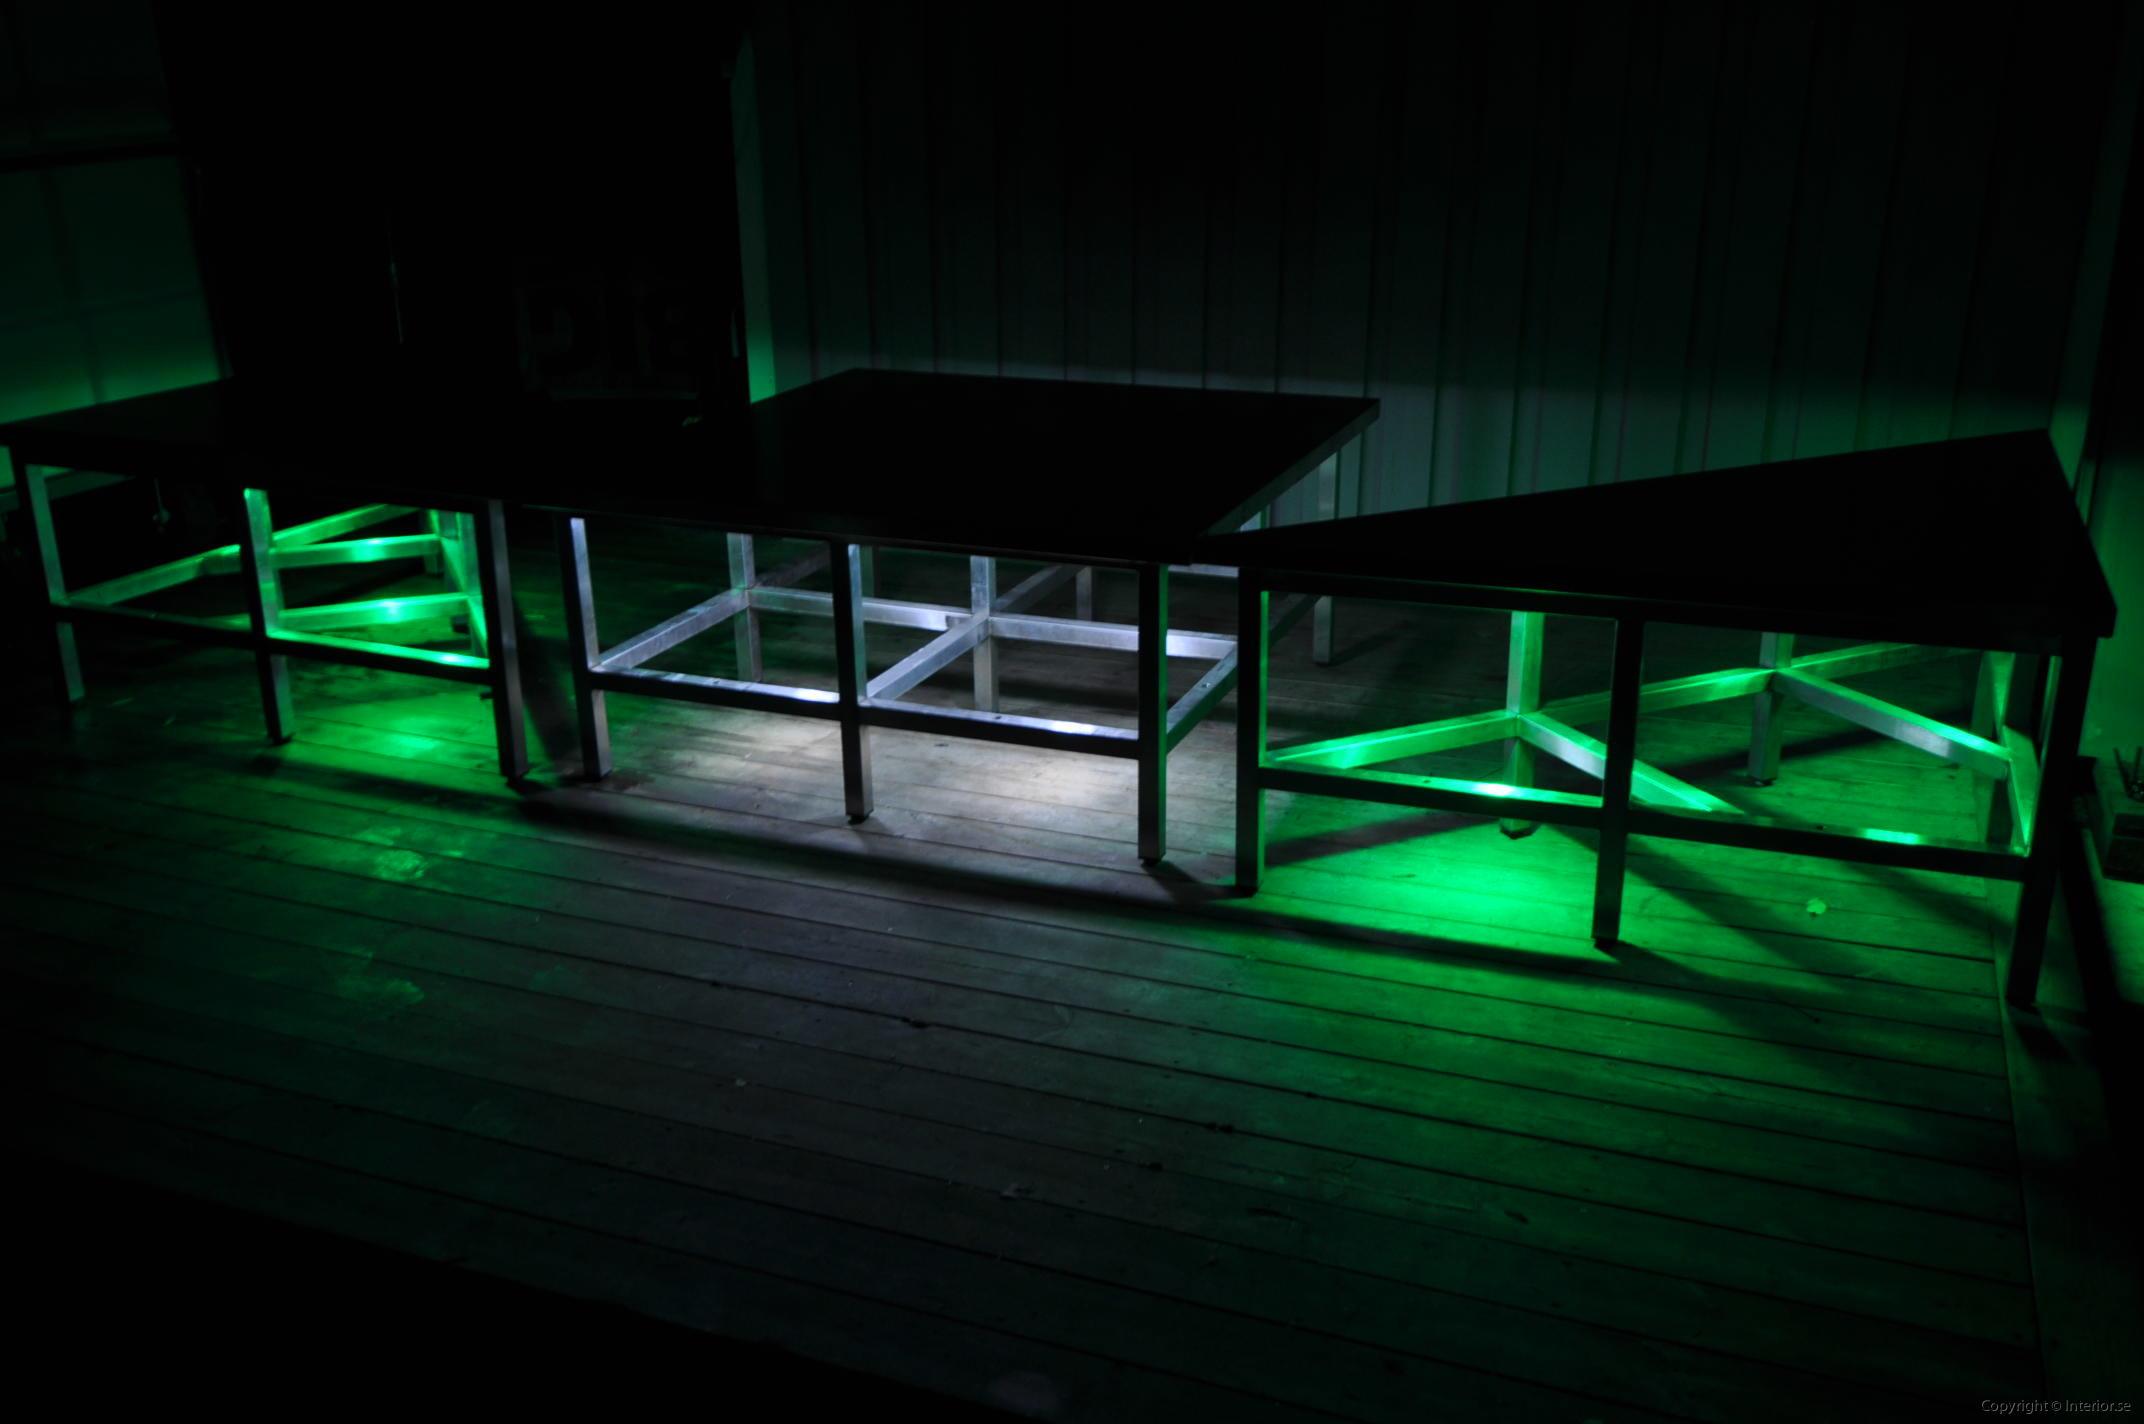 hyra scen podier podium rostfri dansscen hyr stockholm event möbler inredning (6)